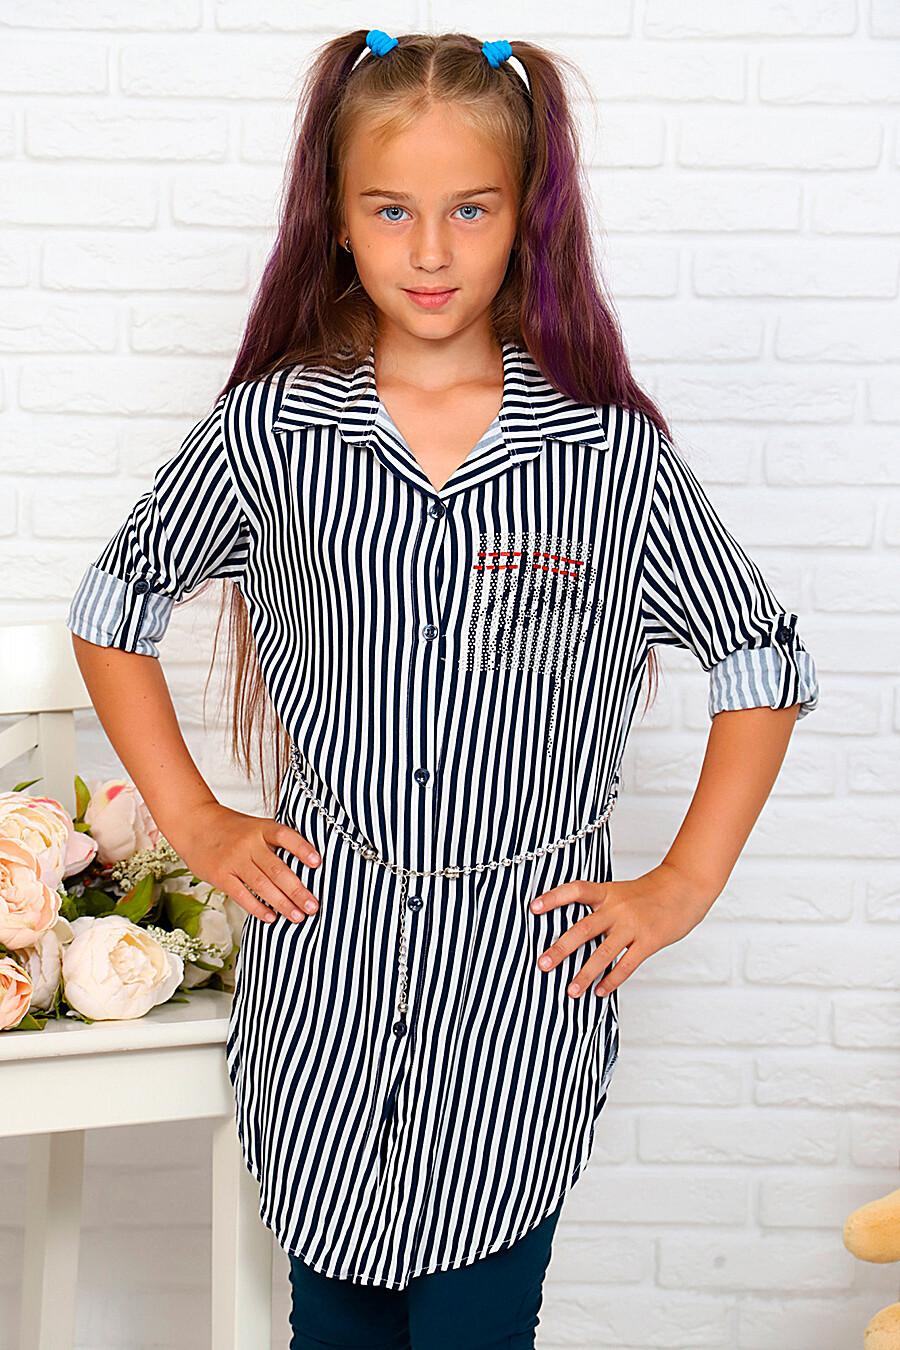 Туника-рубашка для девочек SOFIYA37 667884 купить оптом от производителя. Совместная покупка детской одежды в OptMoyo